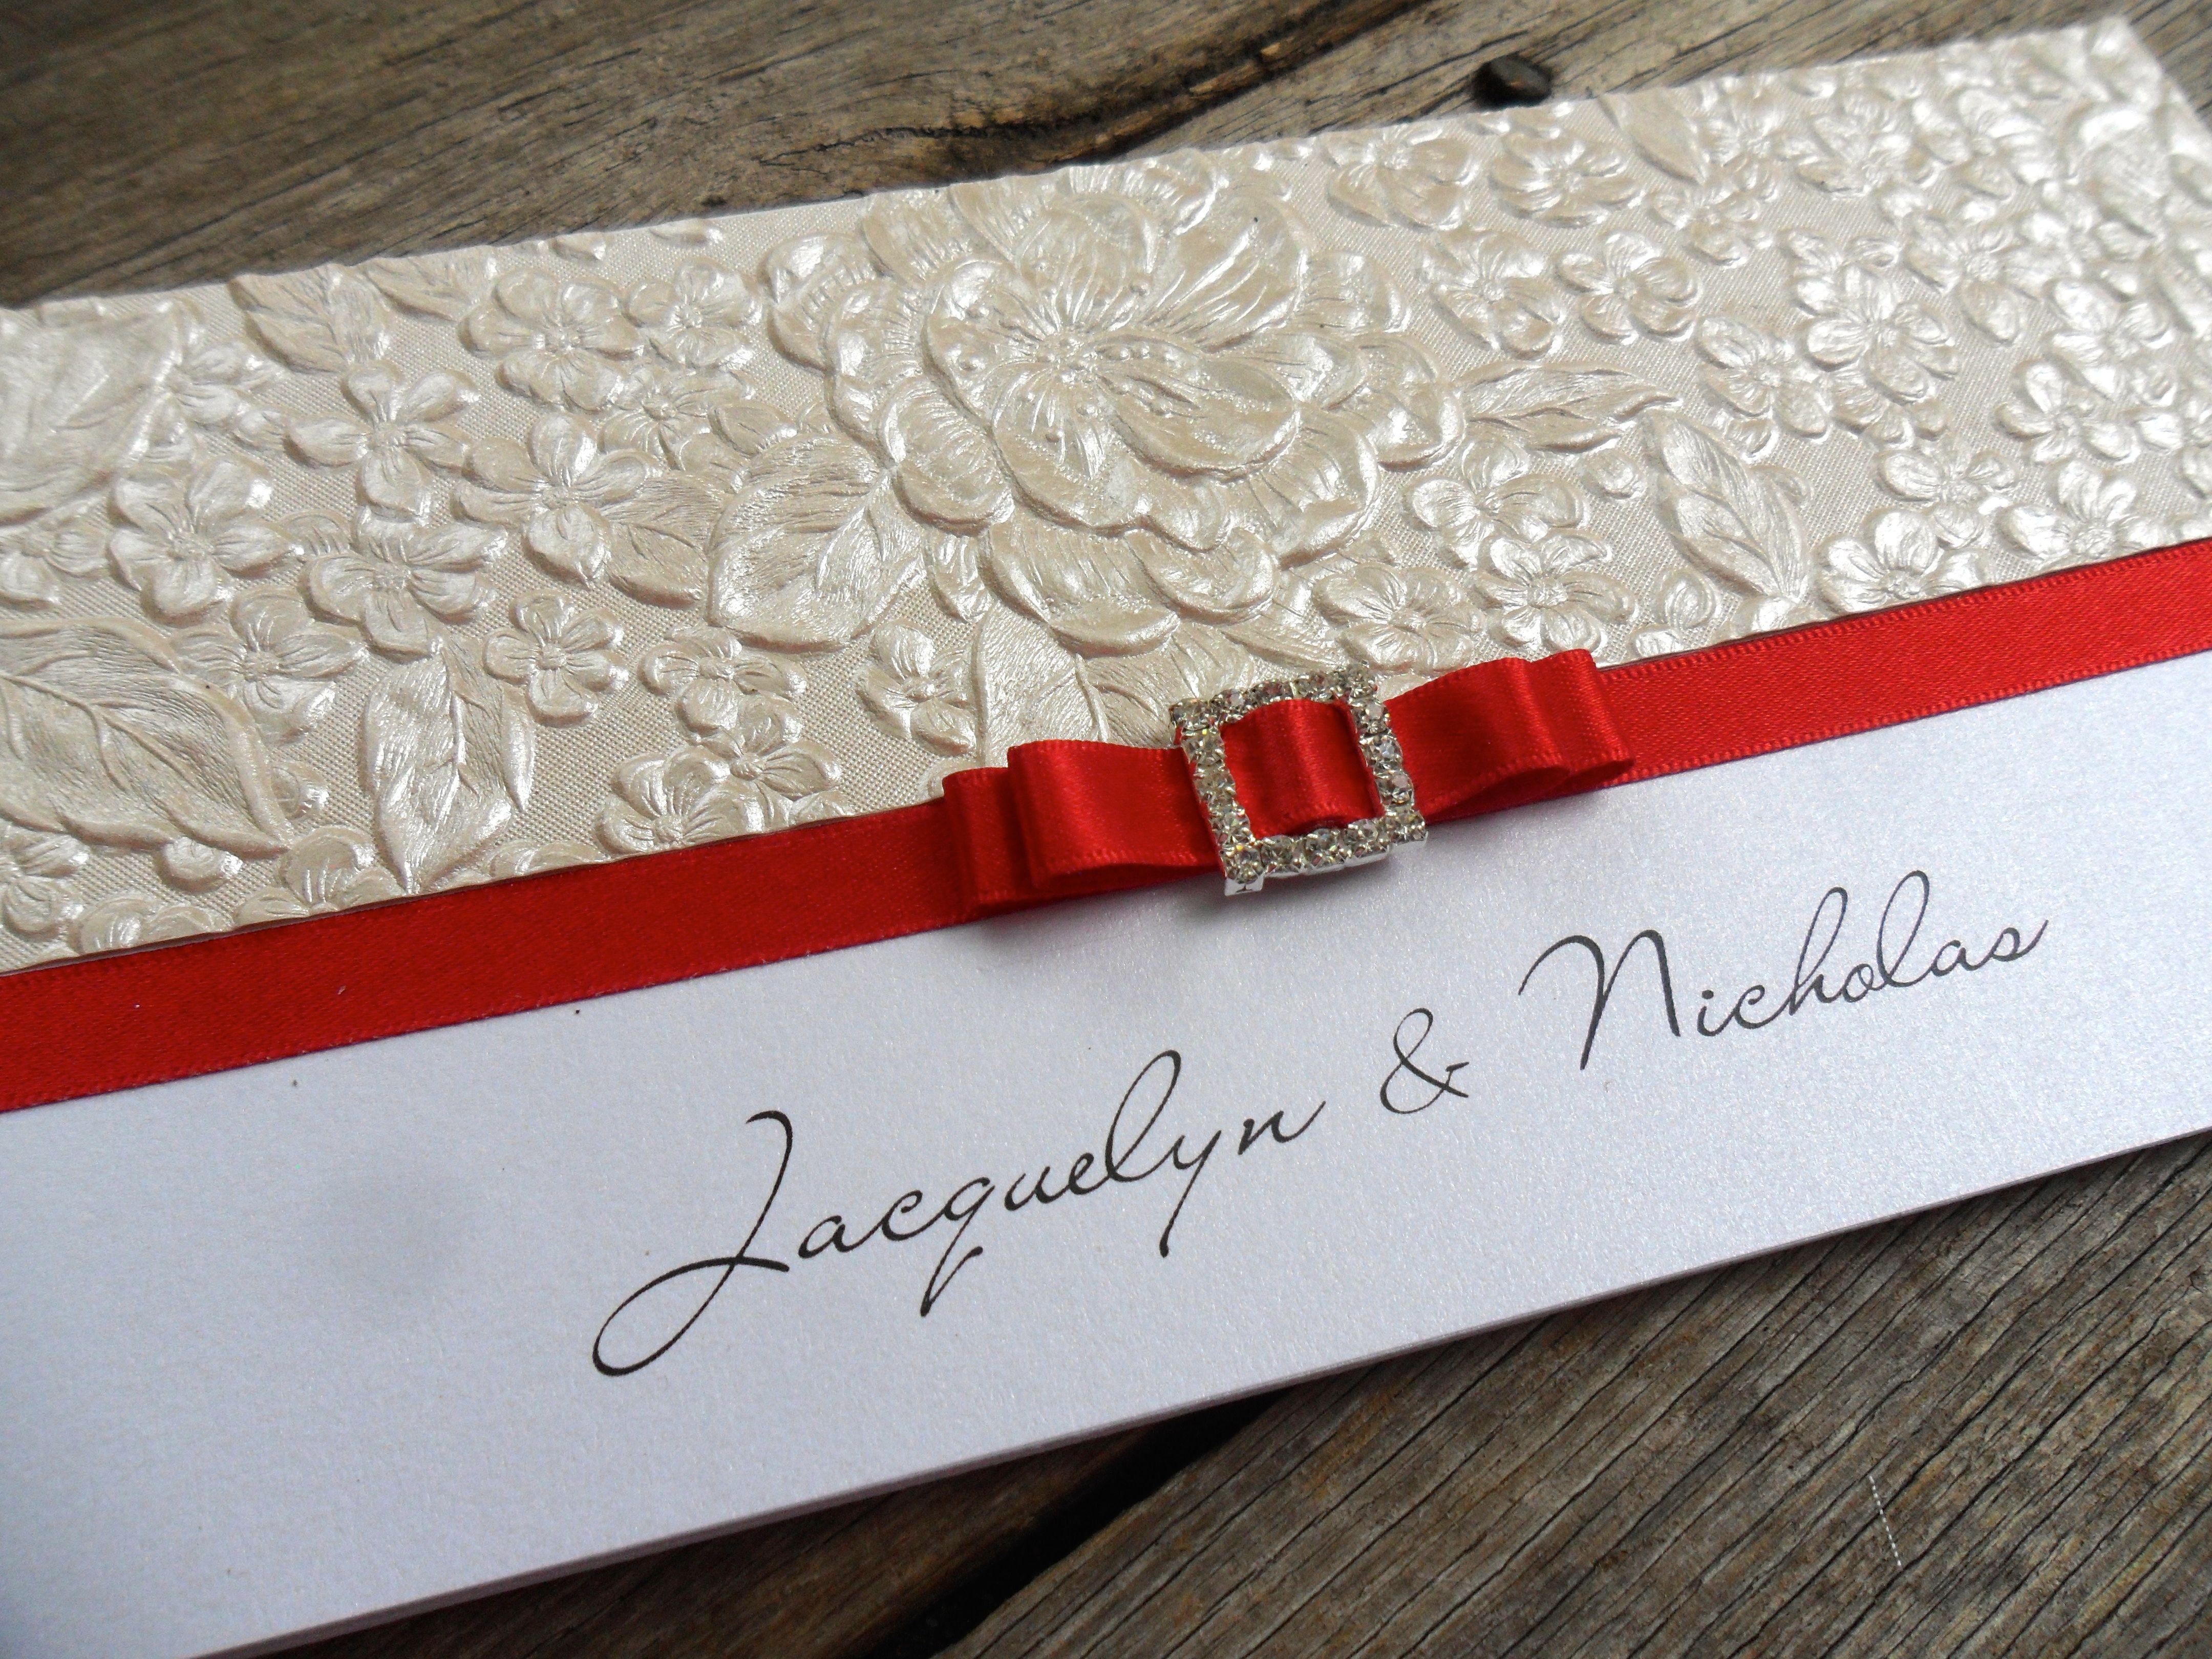 diy wedding invitations elegant%0A Champagne  u     Red wedding invitations